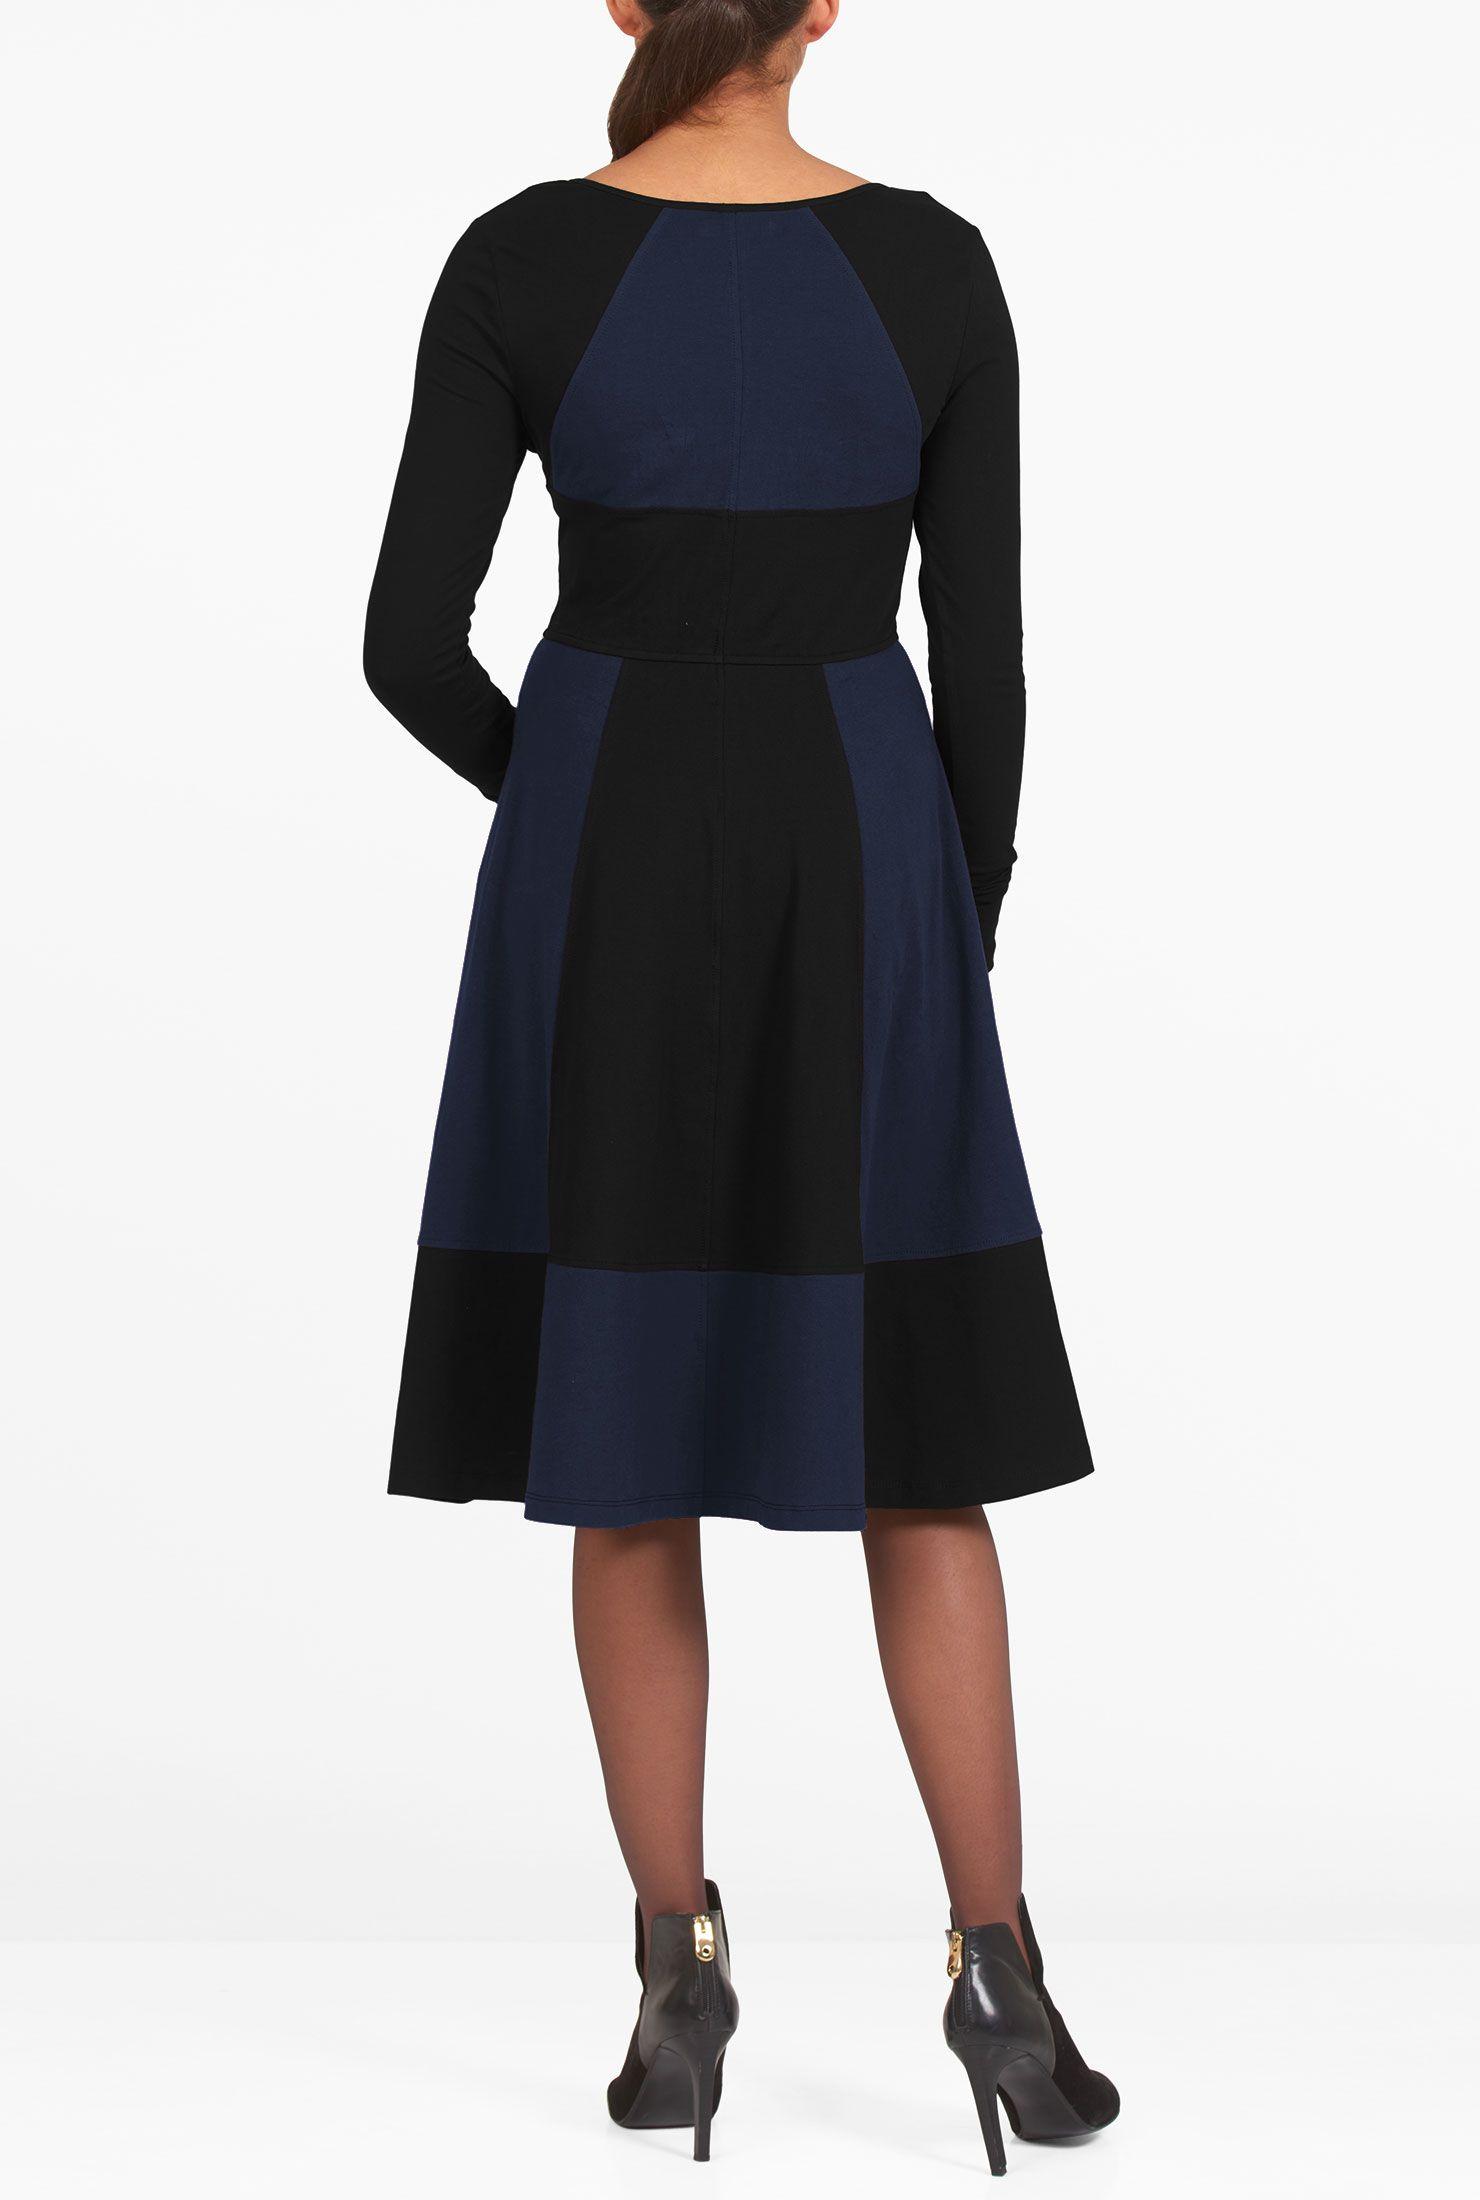 Below knee length dresses black dresses colorblock dresses cotton